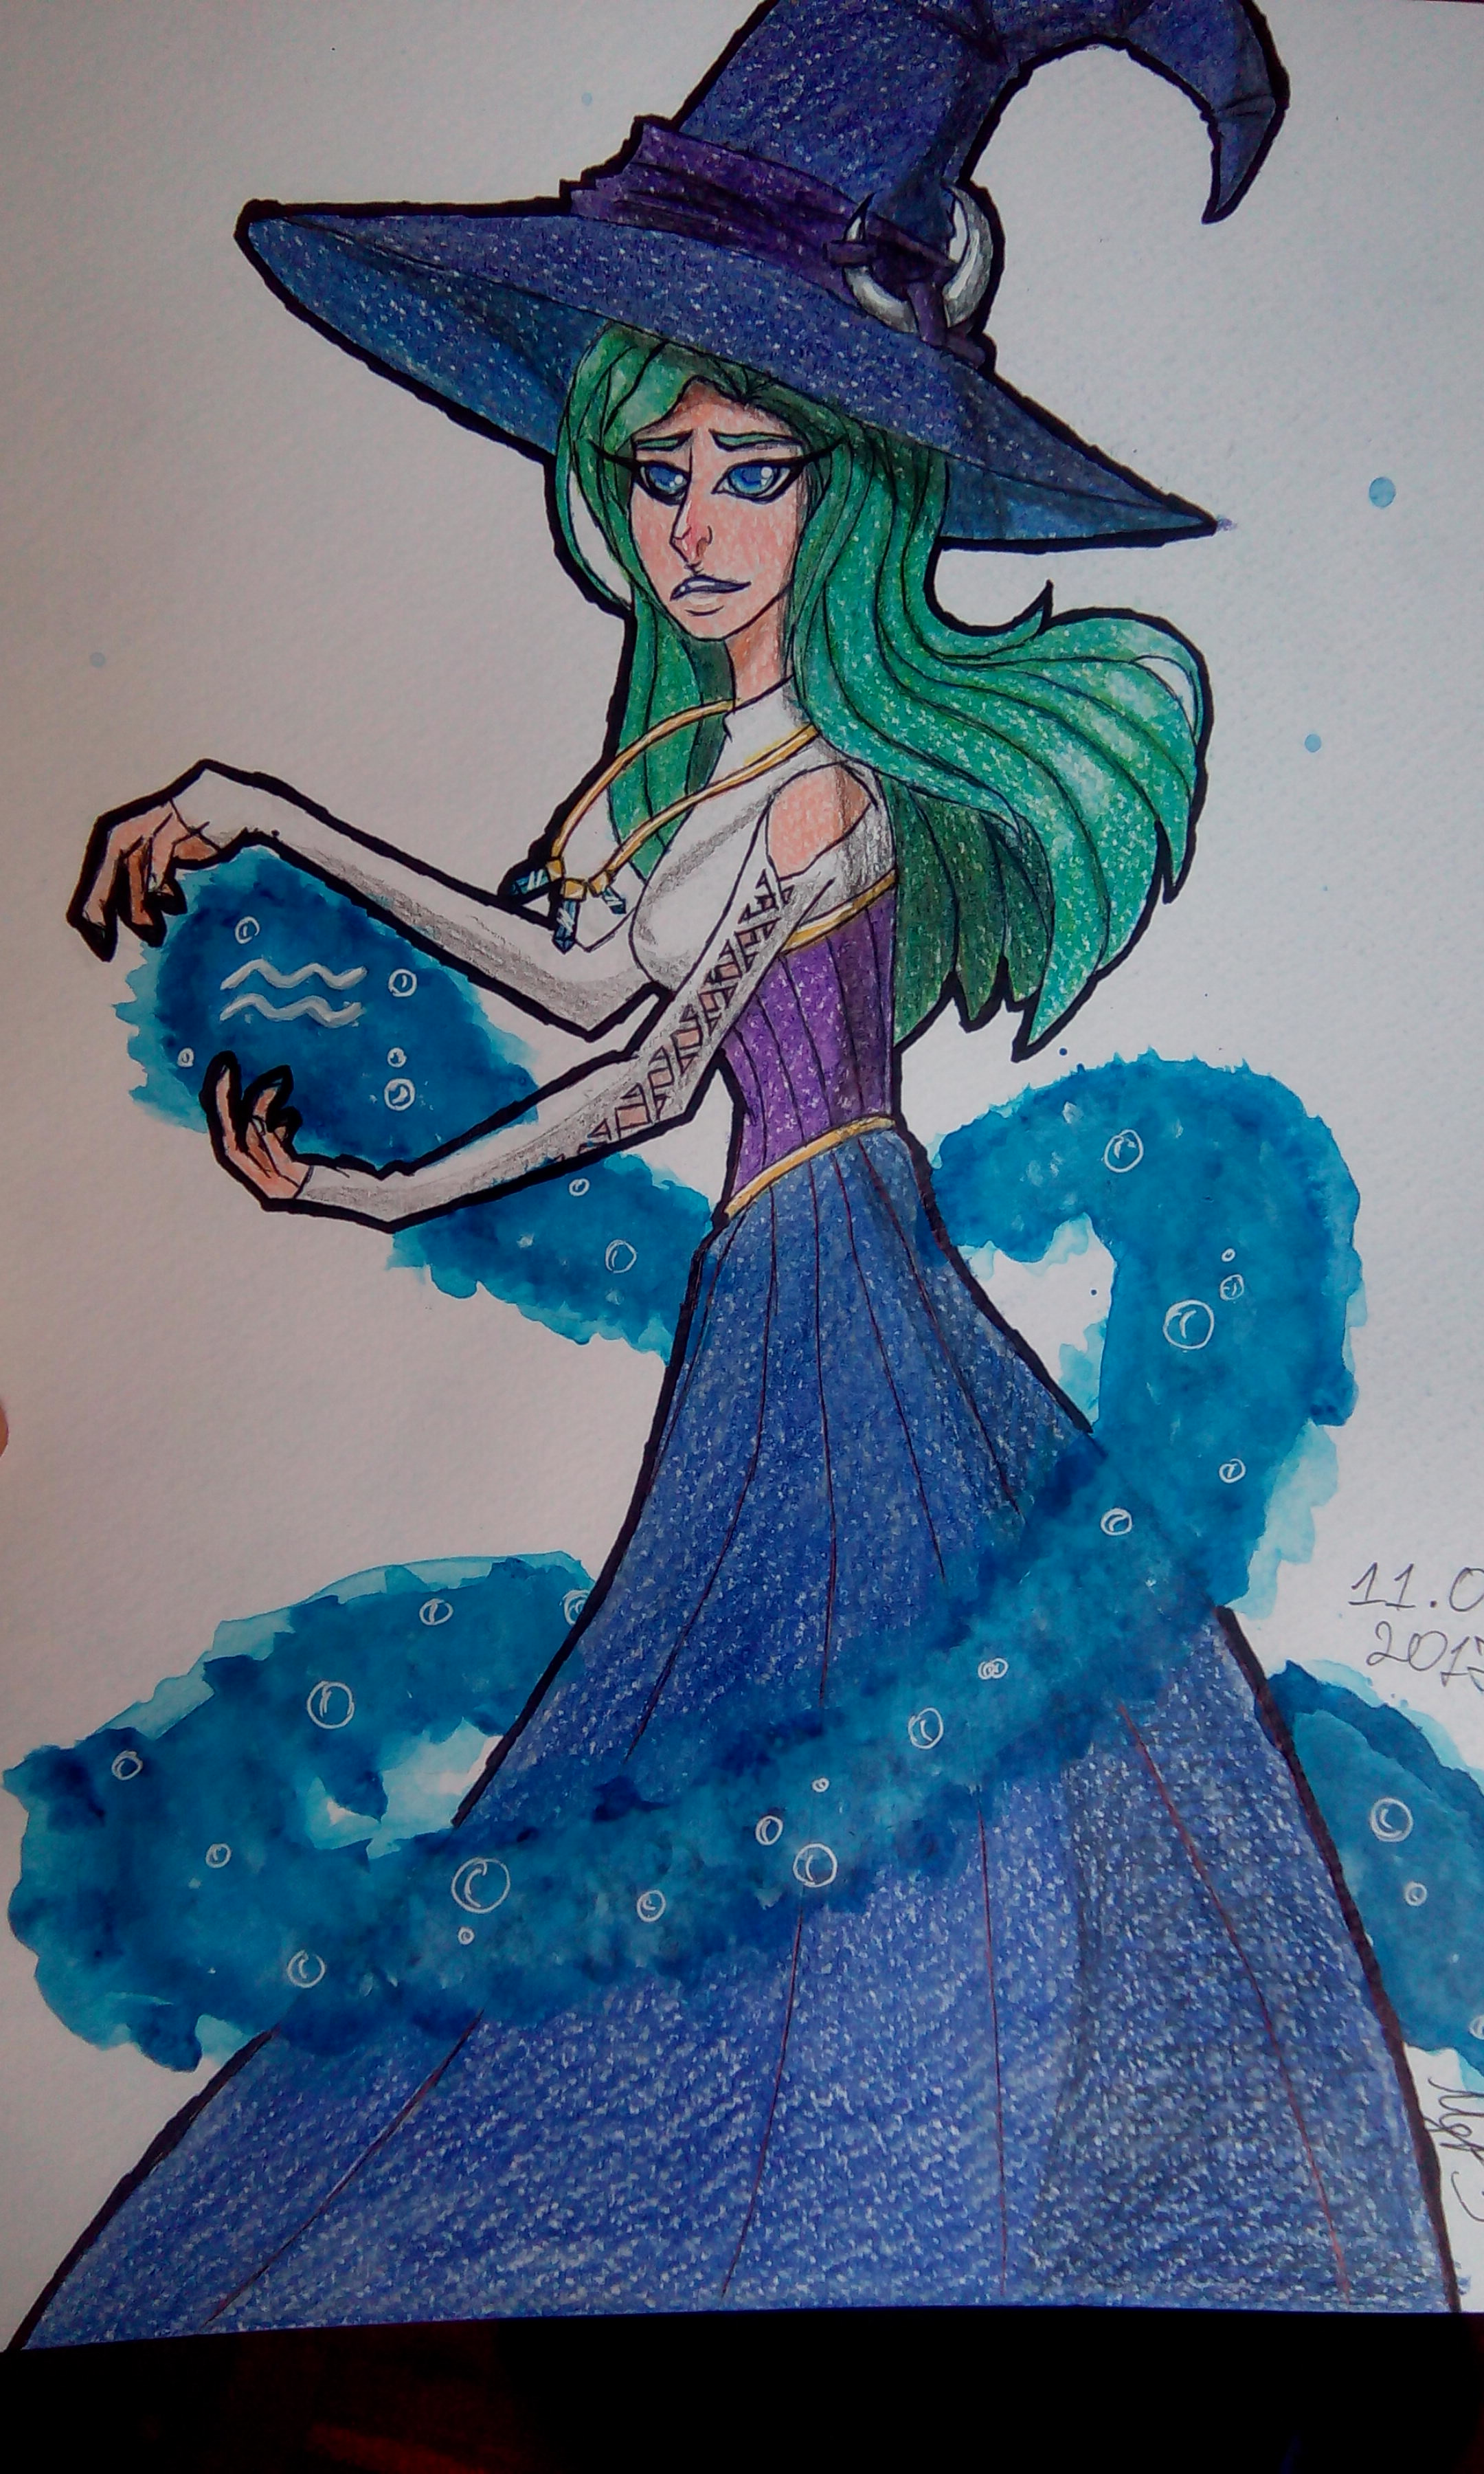 YTAC Zodiac - Auarius/Water Witch